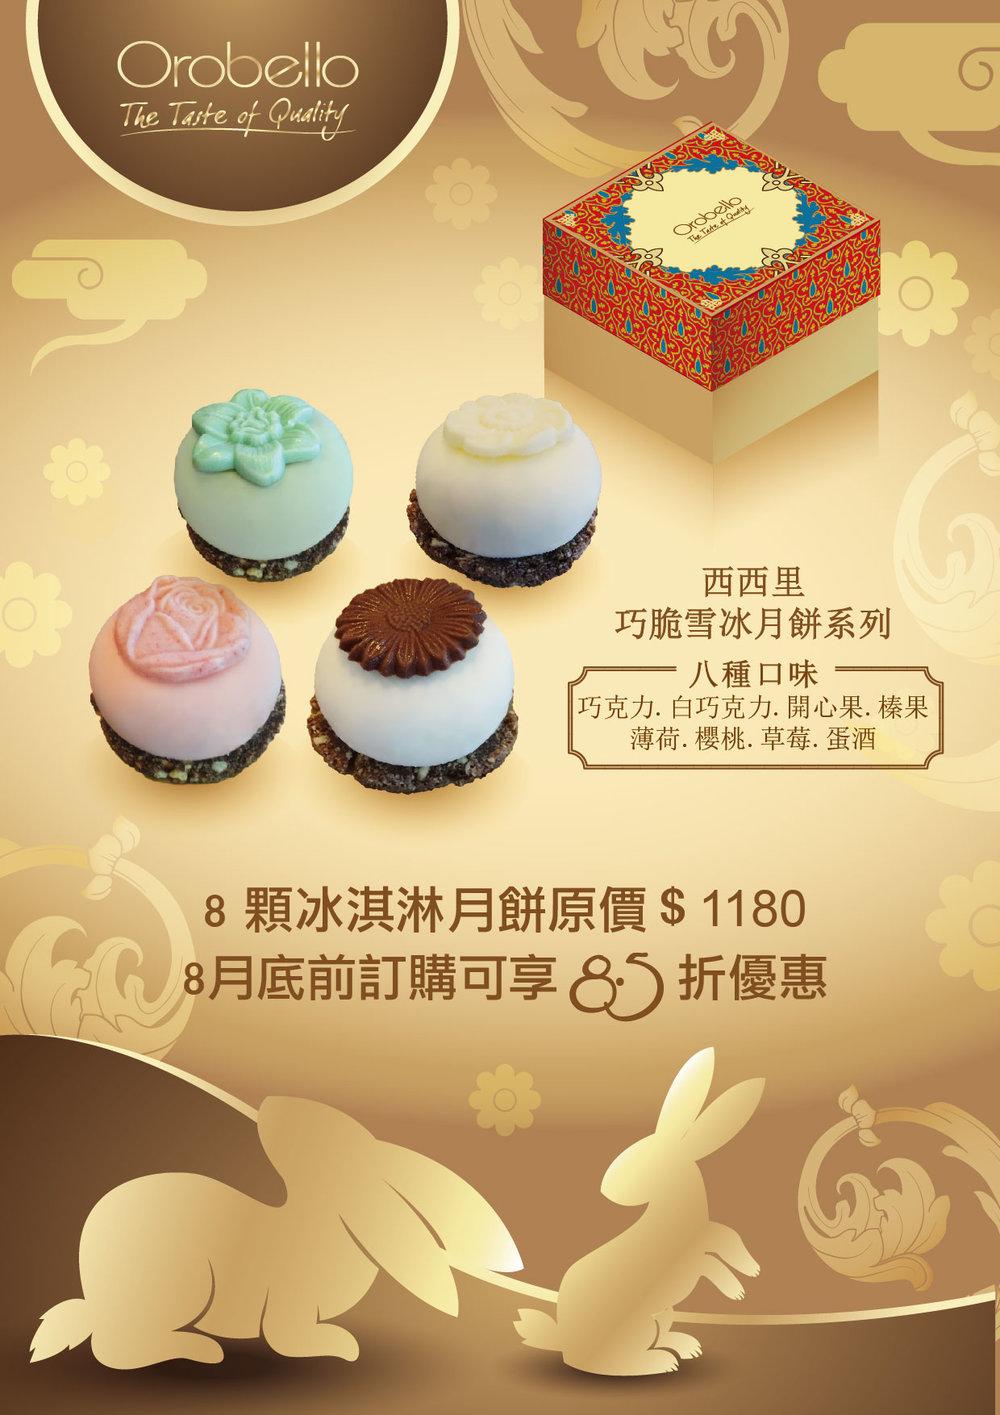 moon cake poster v3-02.jpg